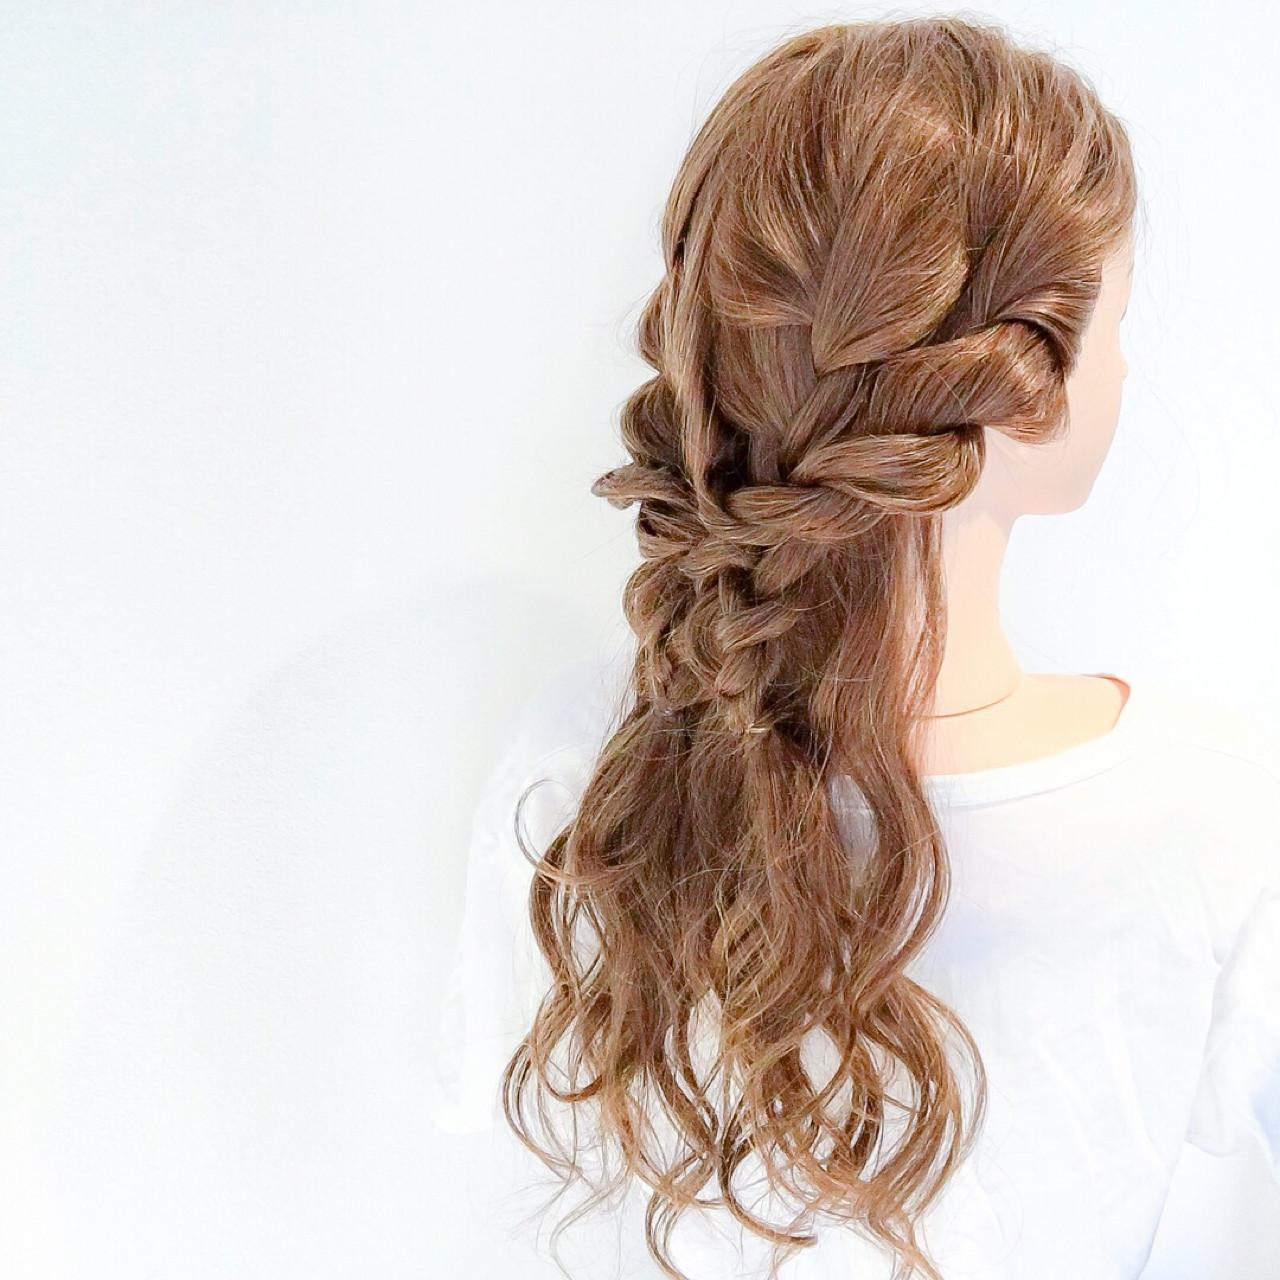 ダウンスタイルが色っぽ♡ヘアアレンジ 美容師 HIRO | Amoute/アムティ